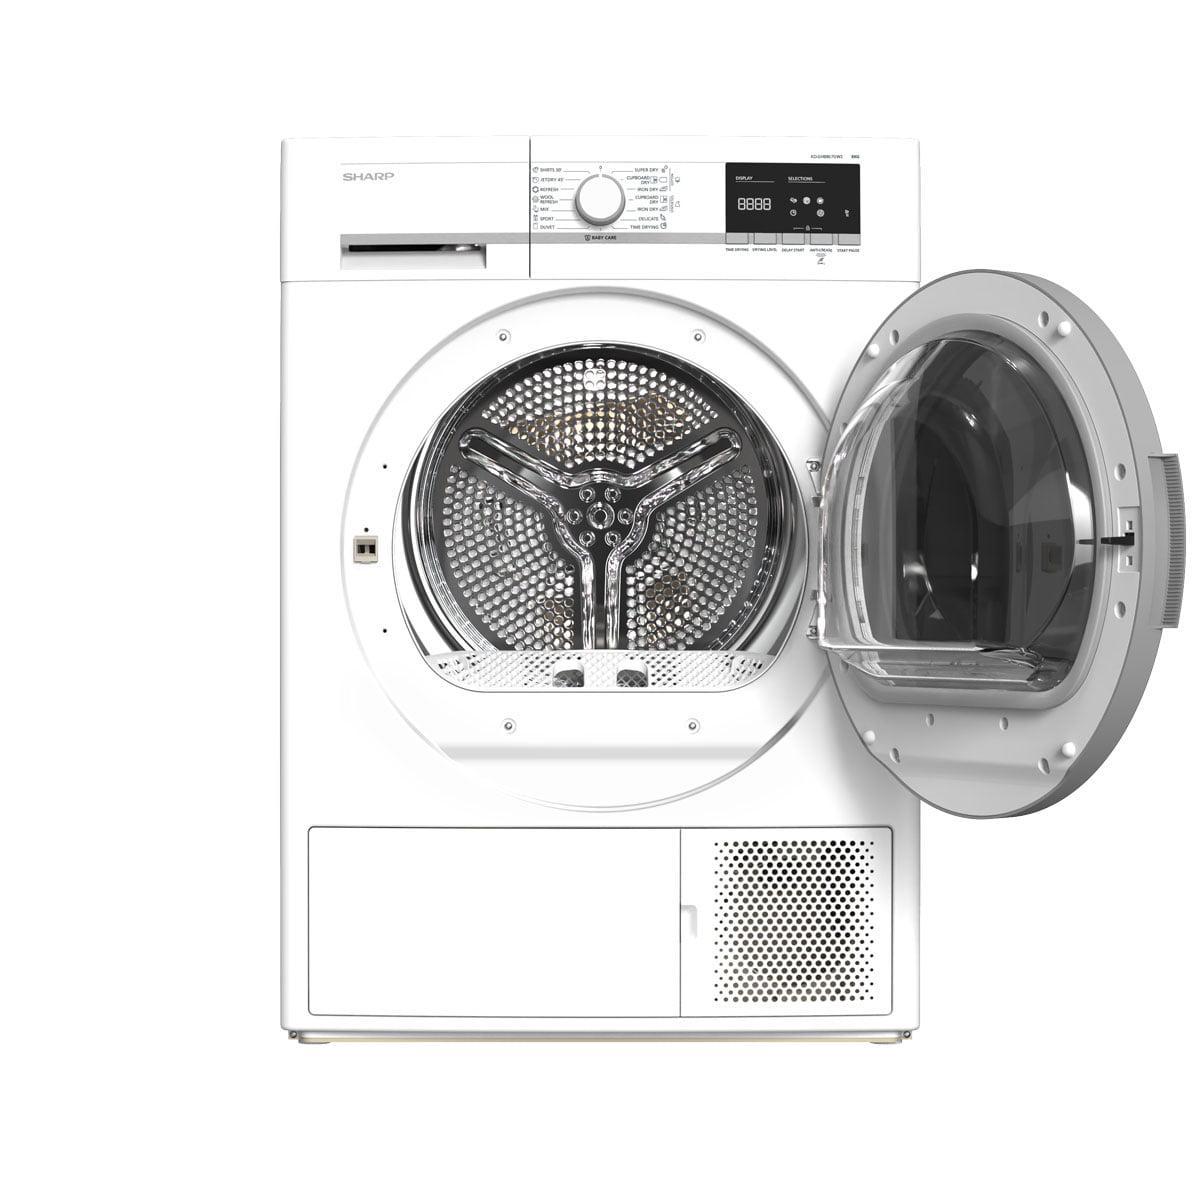 Sharp mašina za sušenje veša sa toplotnom pumpom 8 kg - KD-GHB8S7GW2 otvorena vrata